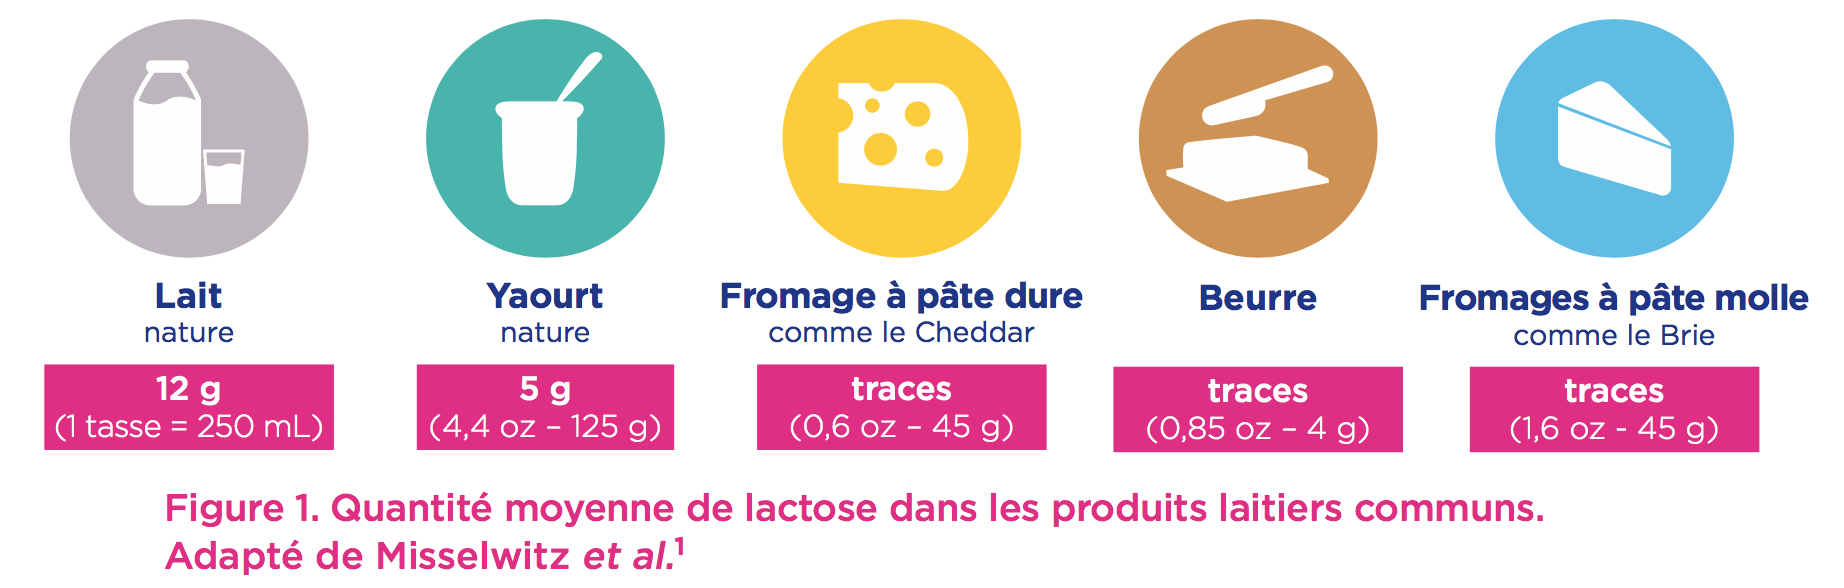 lactose-produits-laitiers